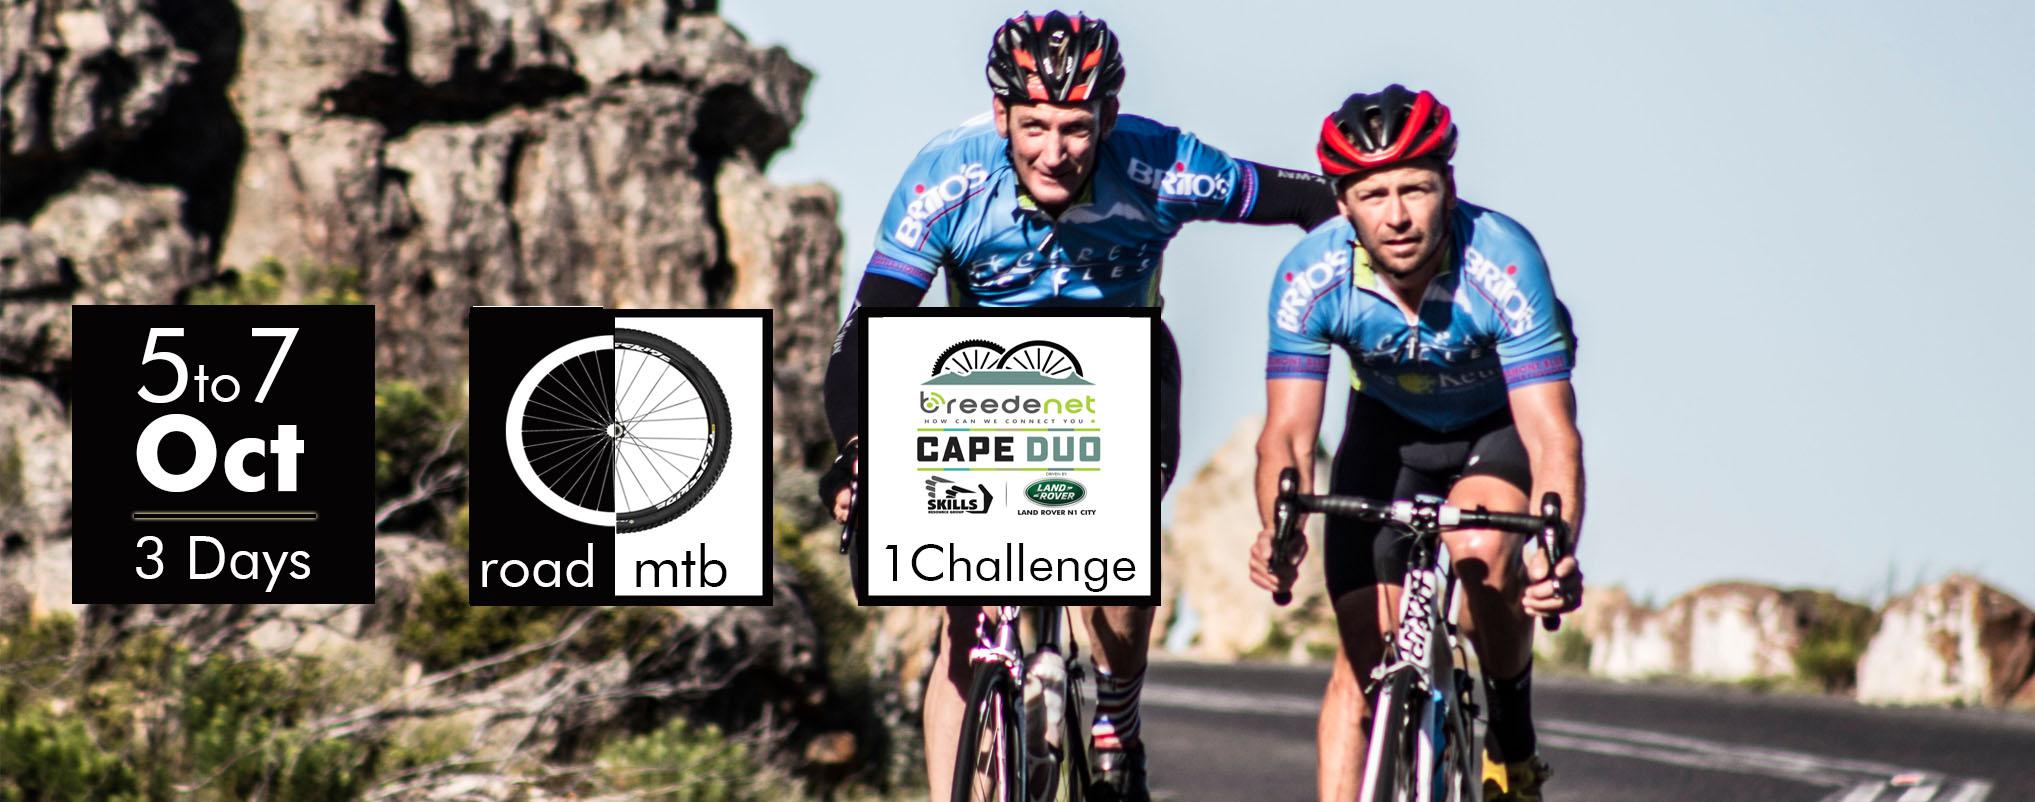 Enter Cape Duo 2018 as a Duo